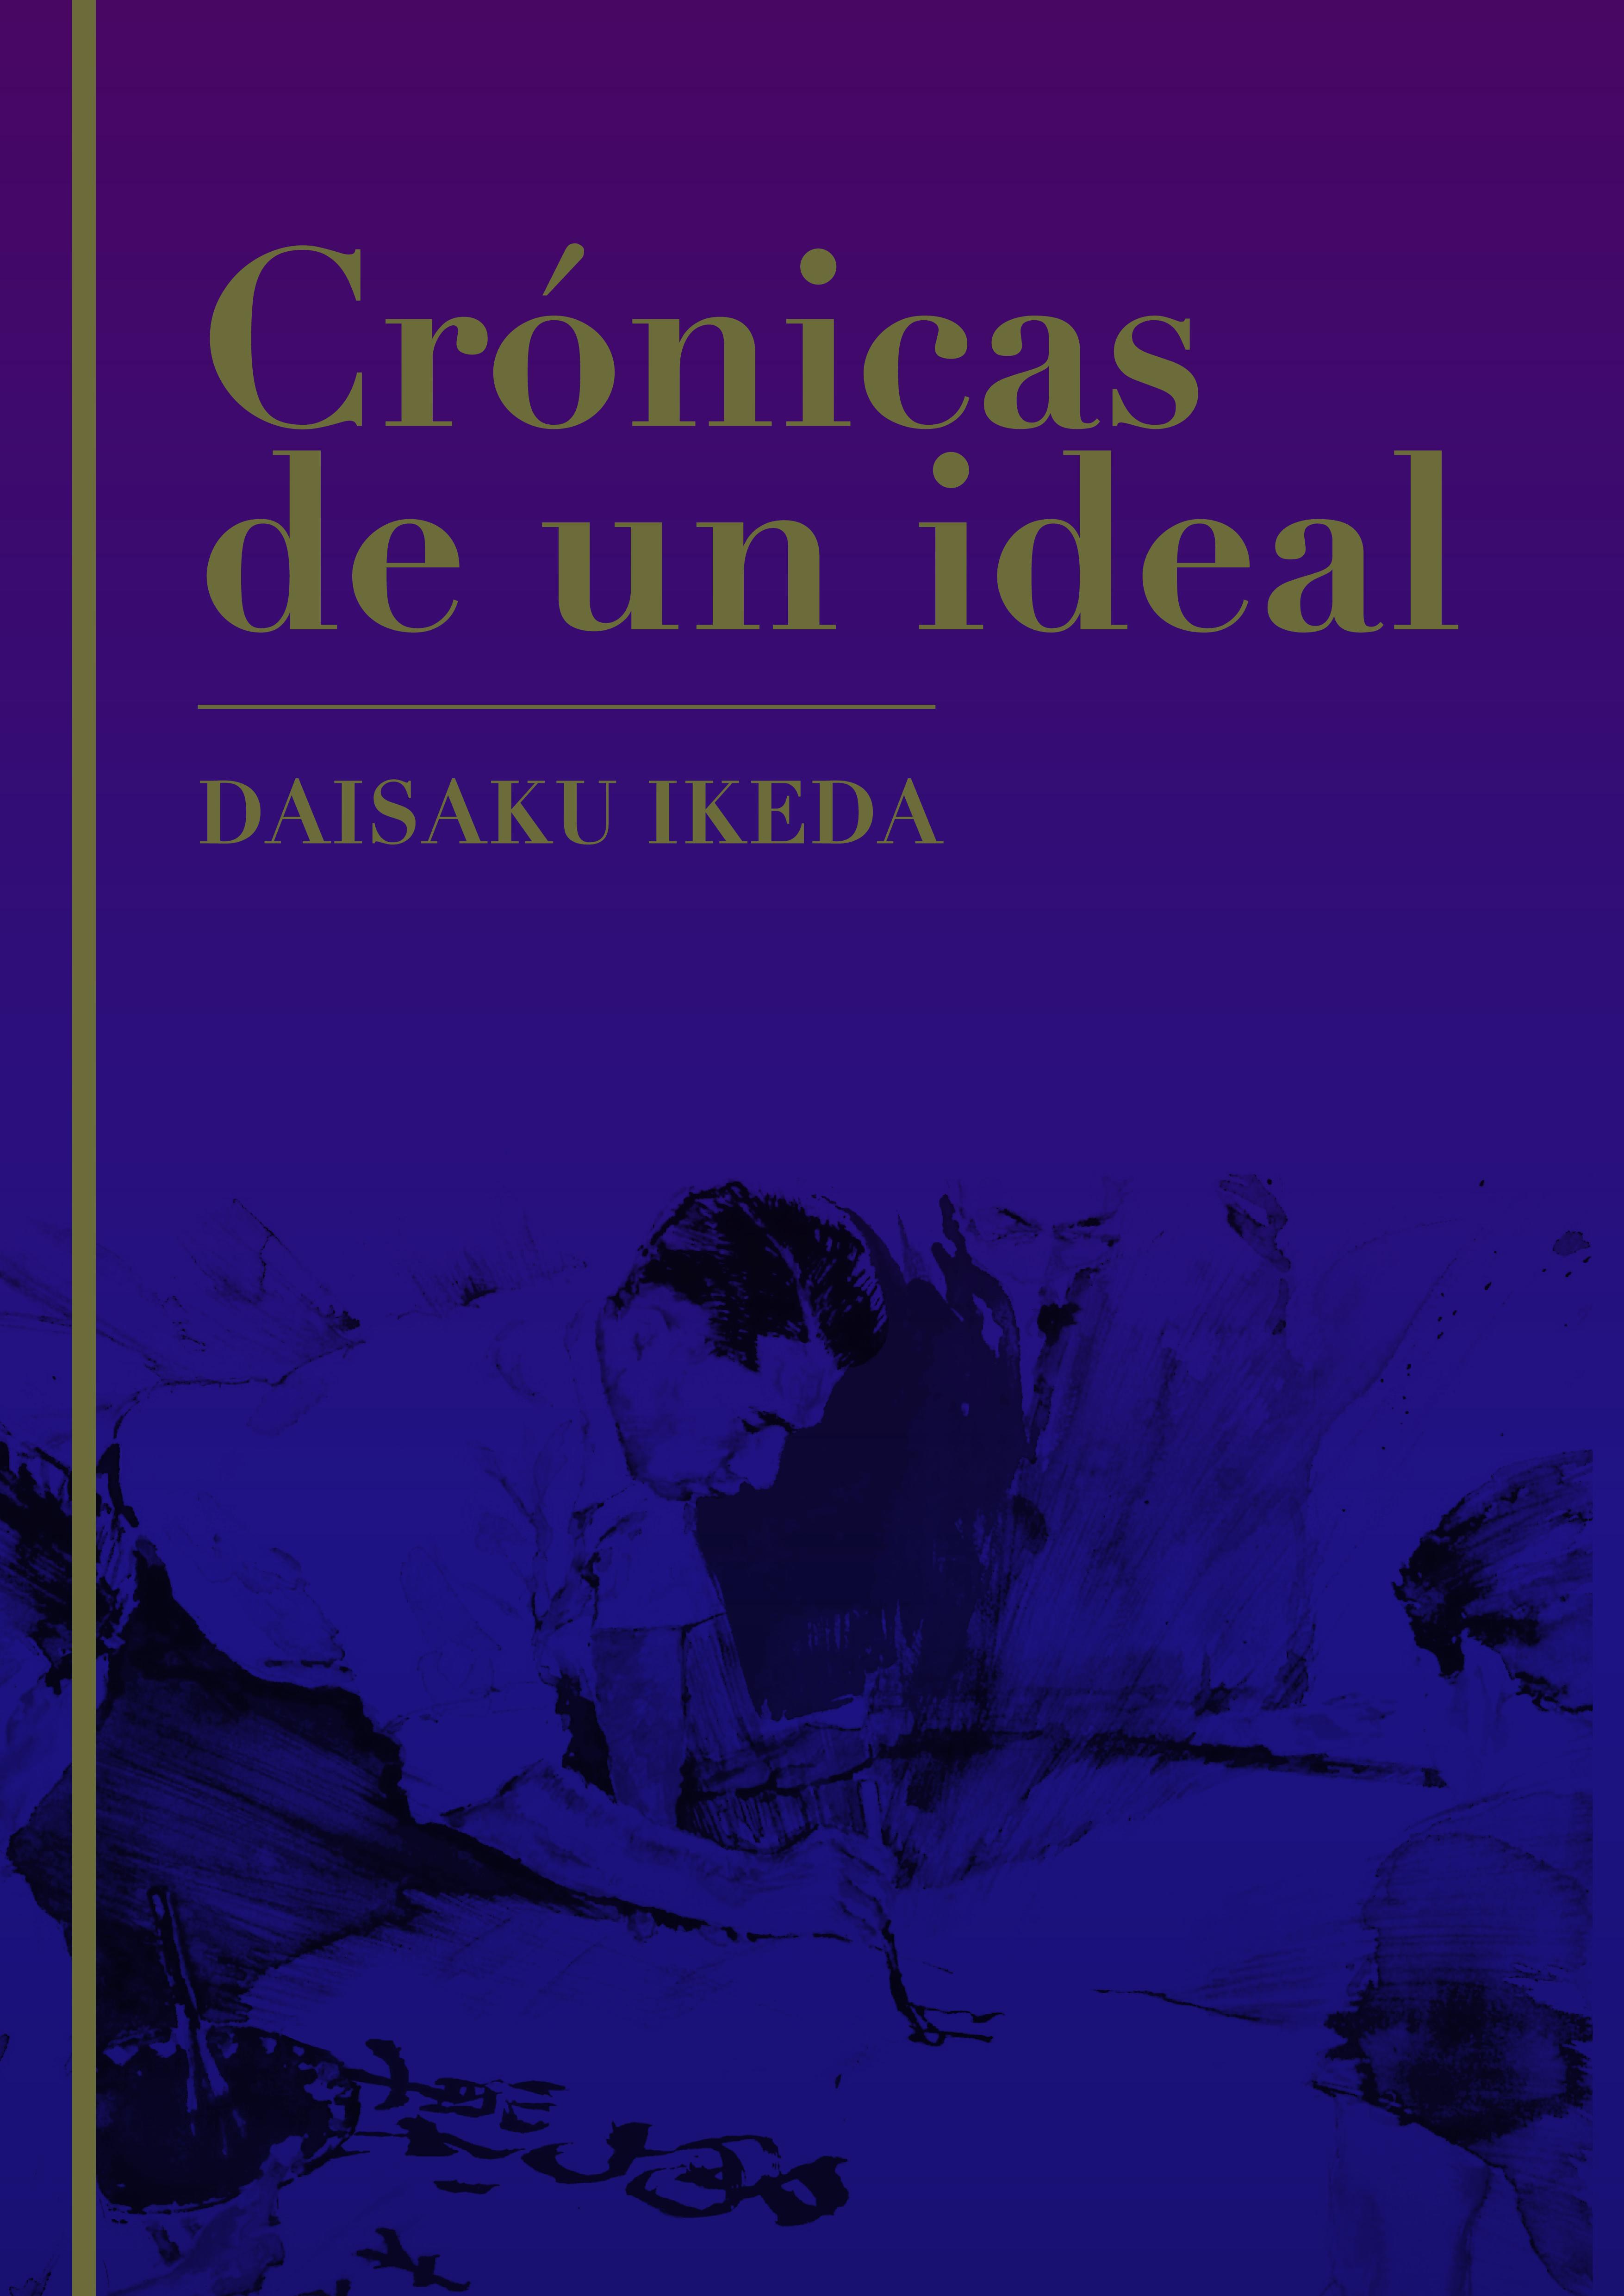 Crónicas de un ideal - Diario Juvenil